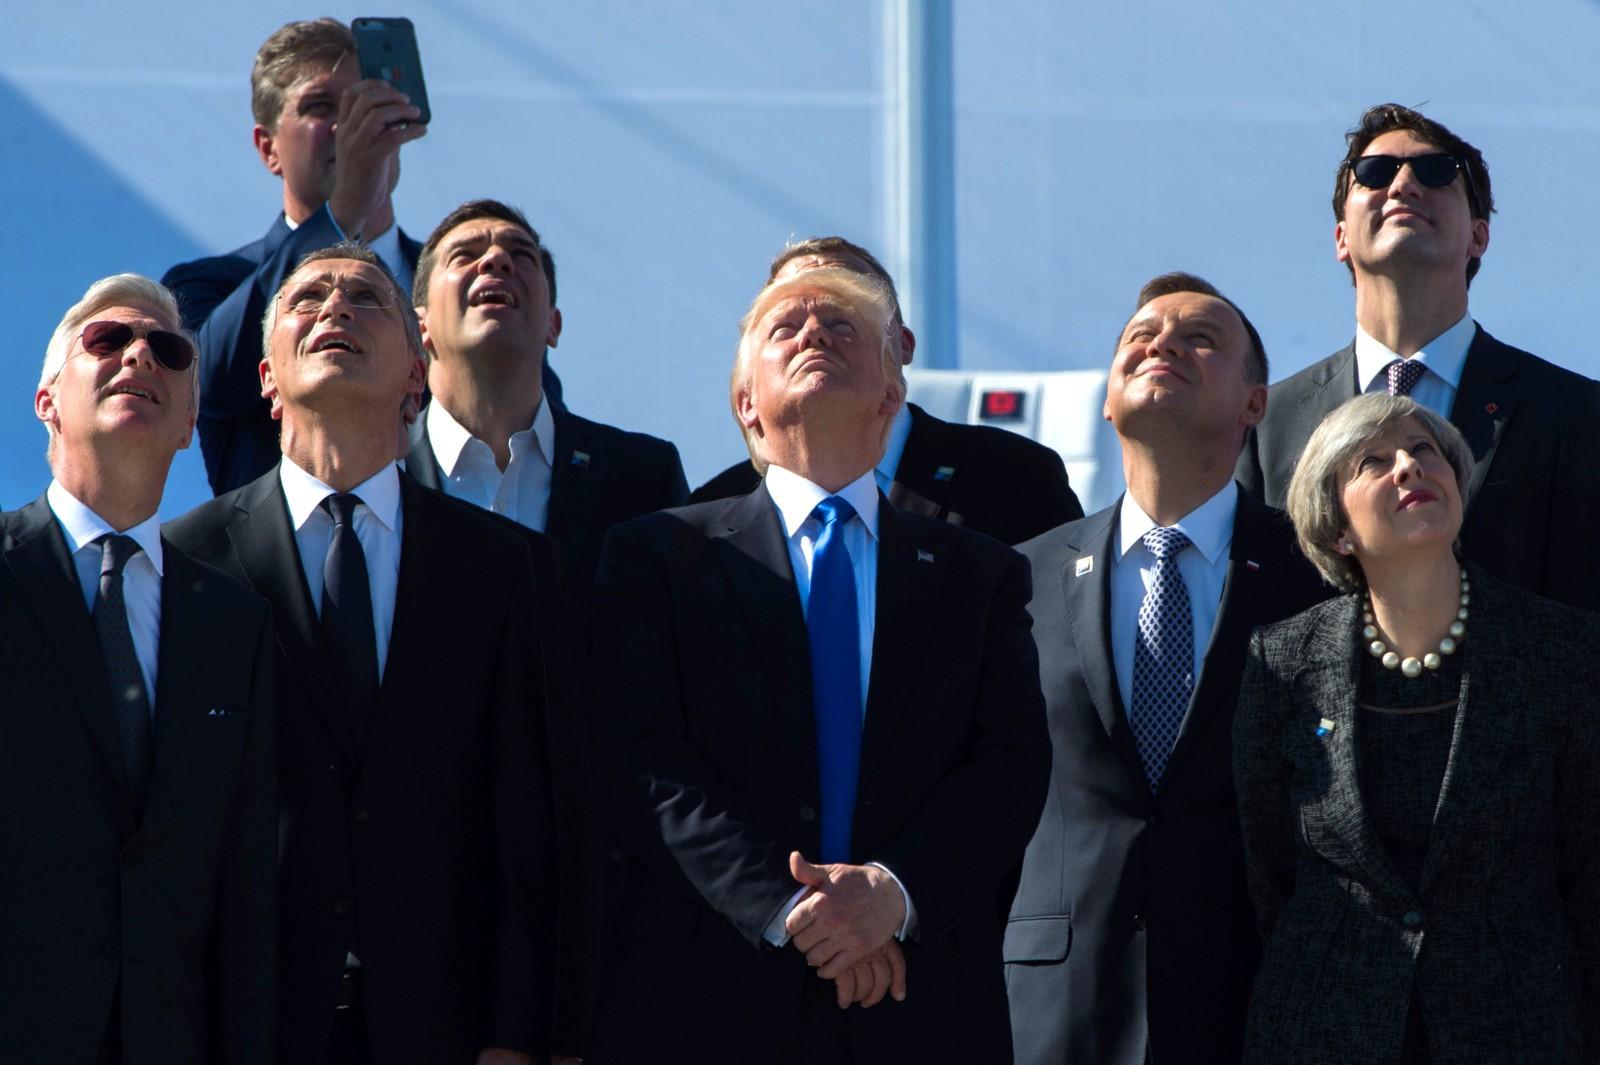 Også toppene må titte oppover noen ganger. Her ser den belgiske kongen Phillipe, Jens Stoltenberg, den greske statsministeren Alexis Tsipras, Donald Trump, Polens president Andrzej Duda, Storbritannias statsminister Theresa May og Canadas statsminister Justin Trudeau fly passere under åpningen av det nye NATO-hovedkvarteret.